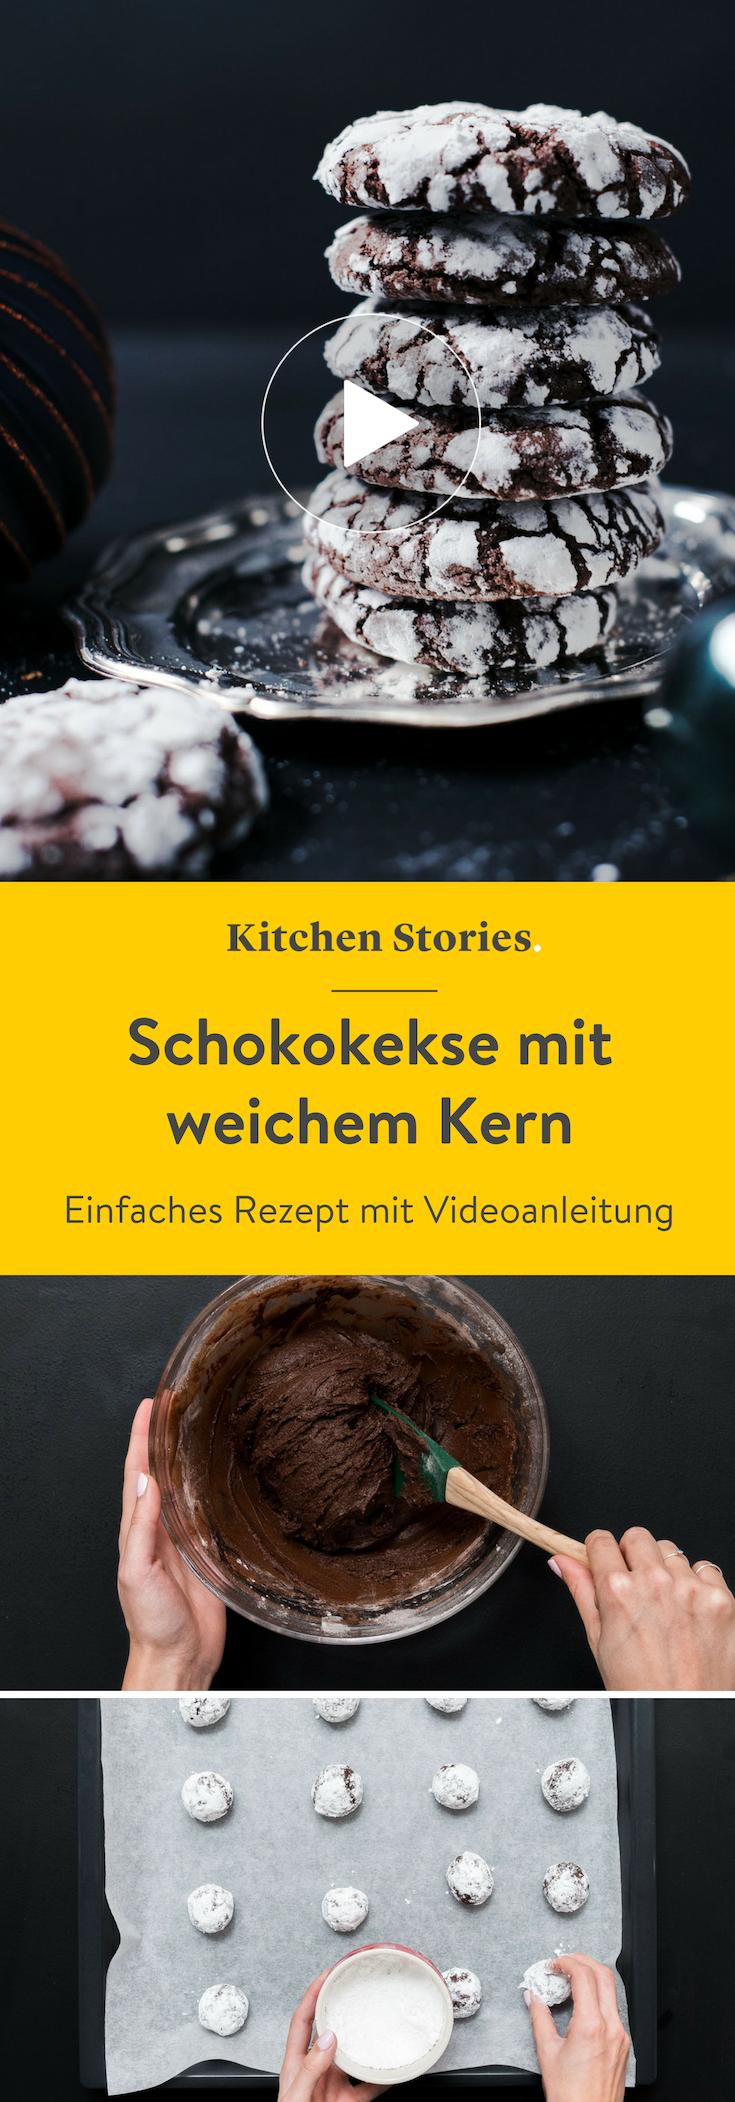 Photo of Zarte Schokoladenkekse mit weichem Kern: Rezept | Küchengeschichten